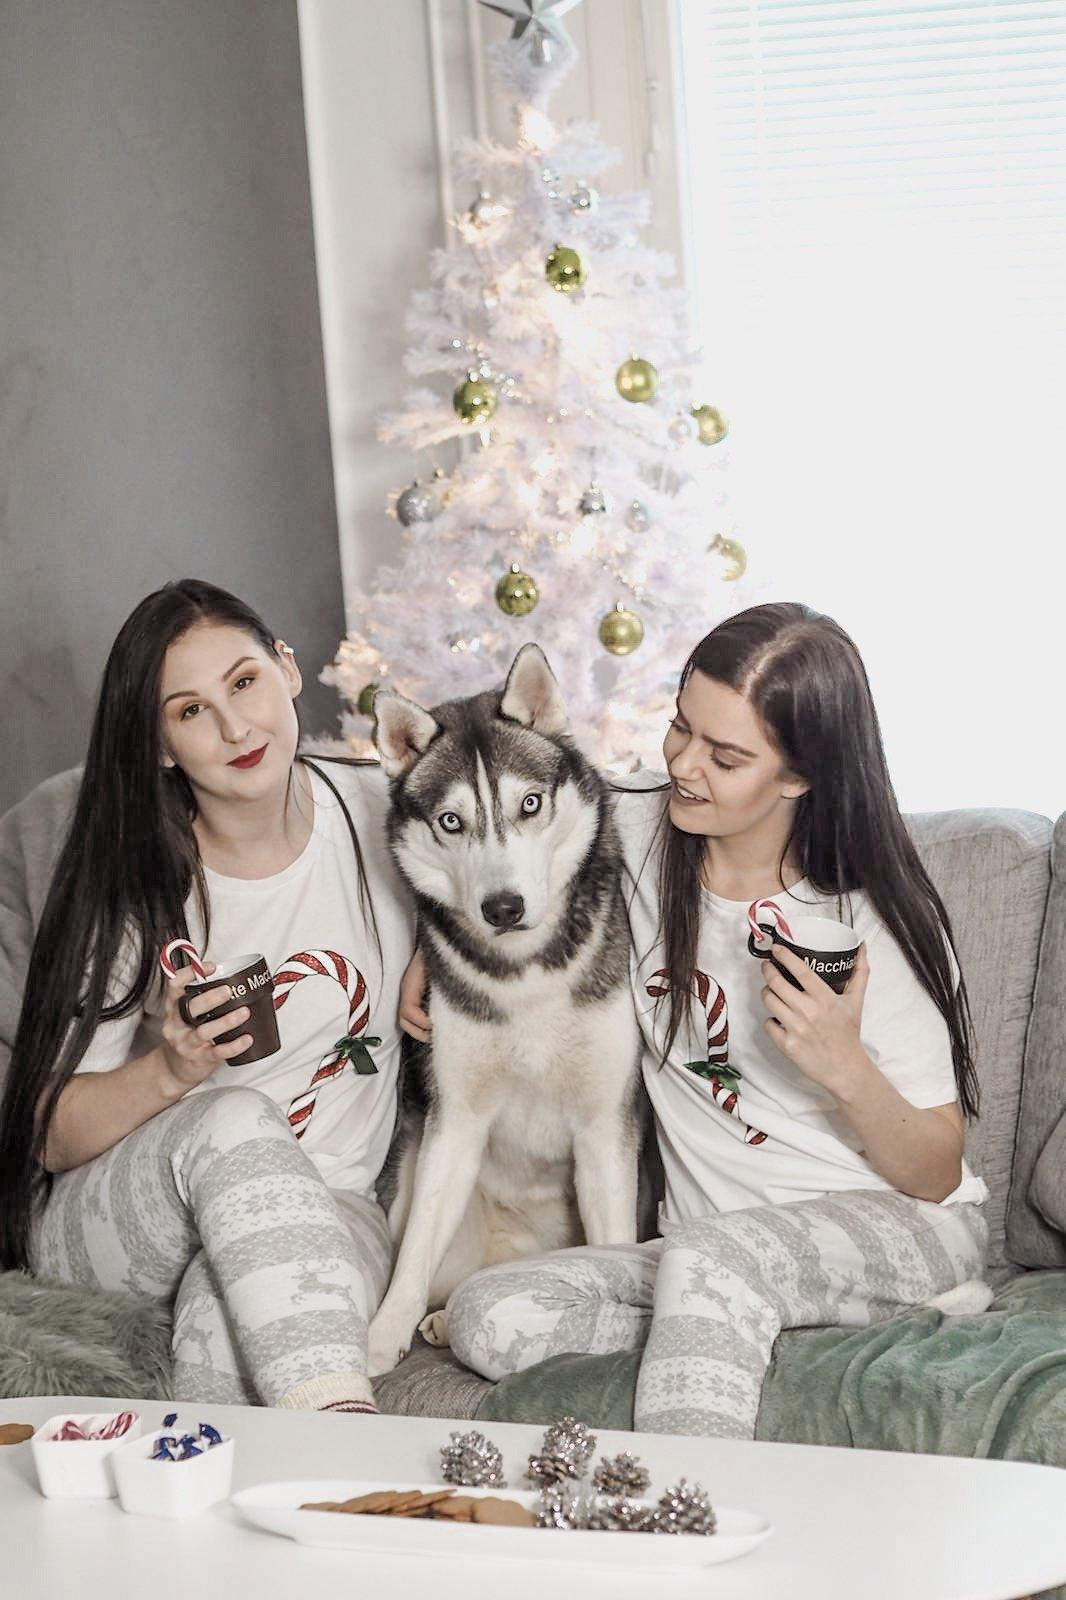 Joulun suunnitelmat